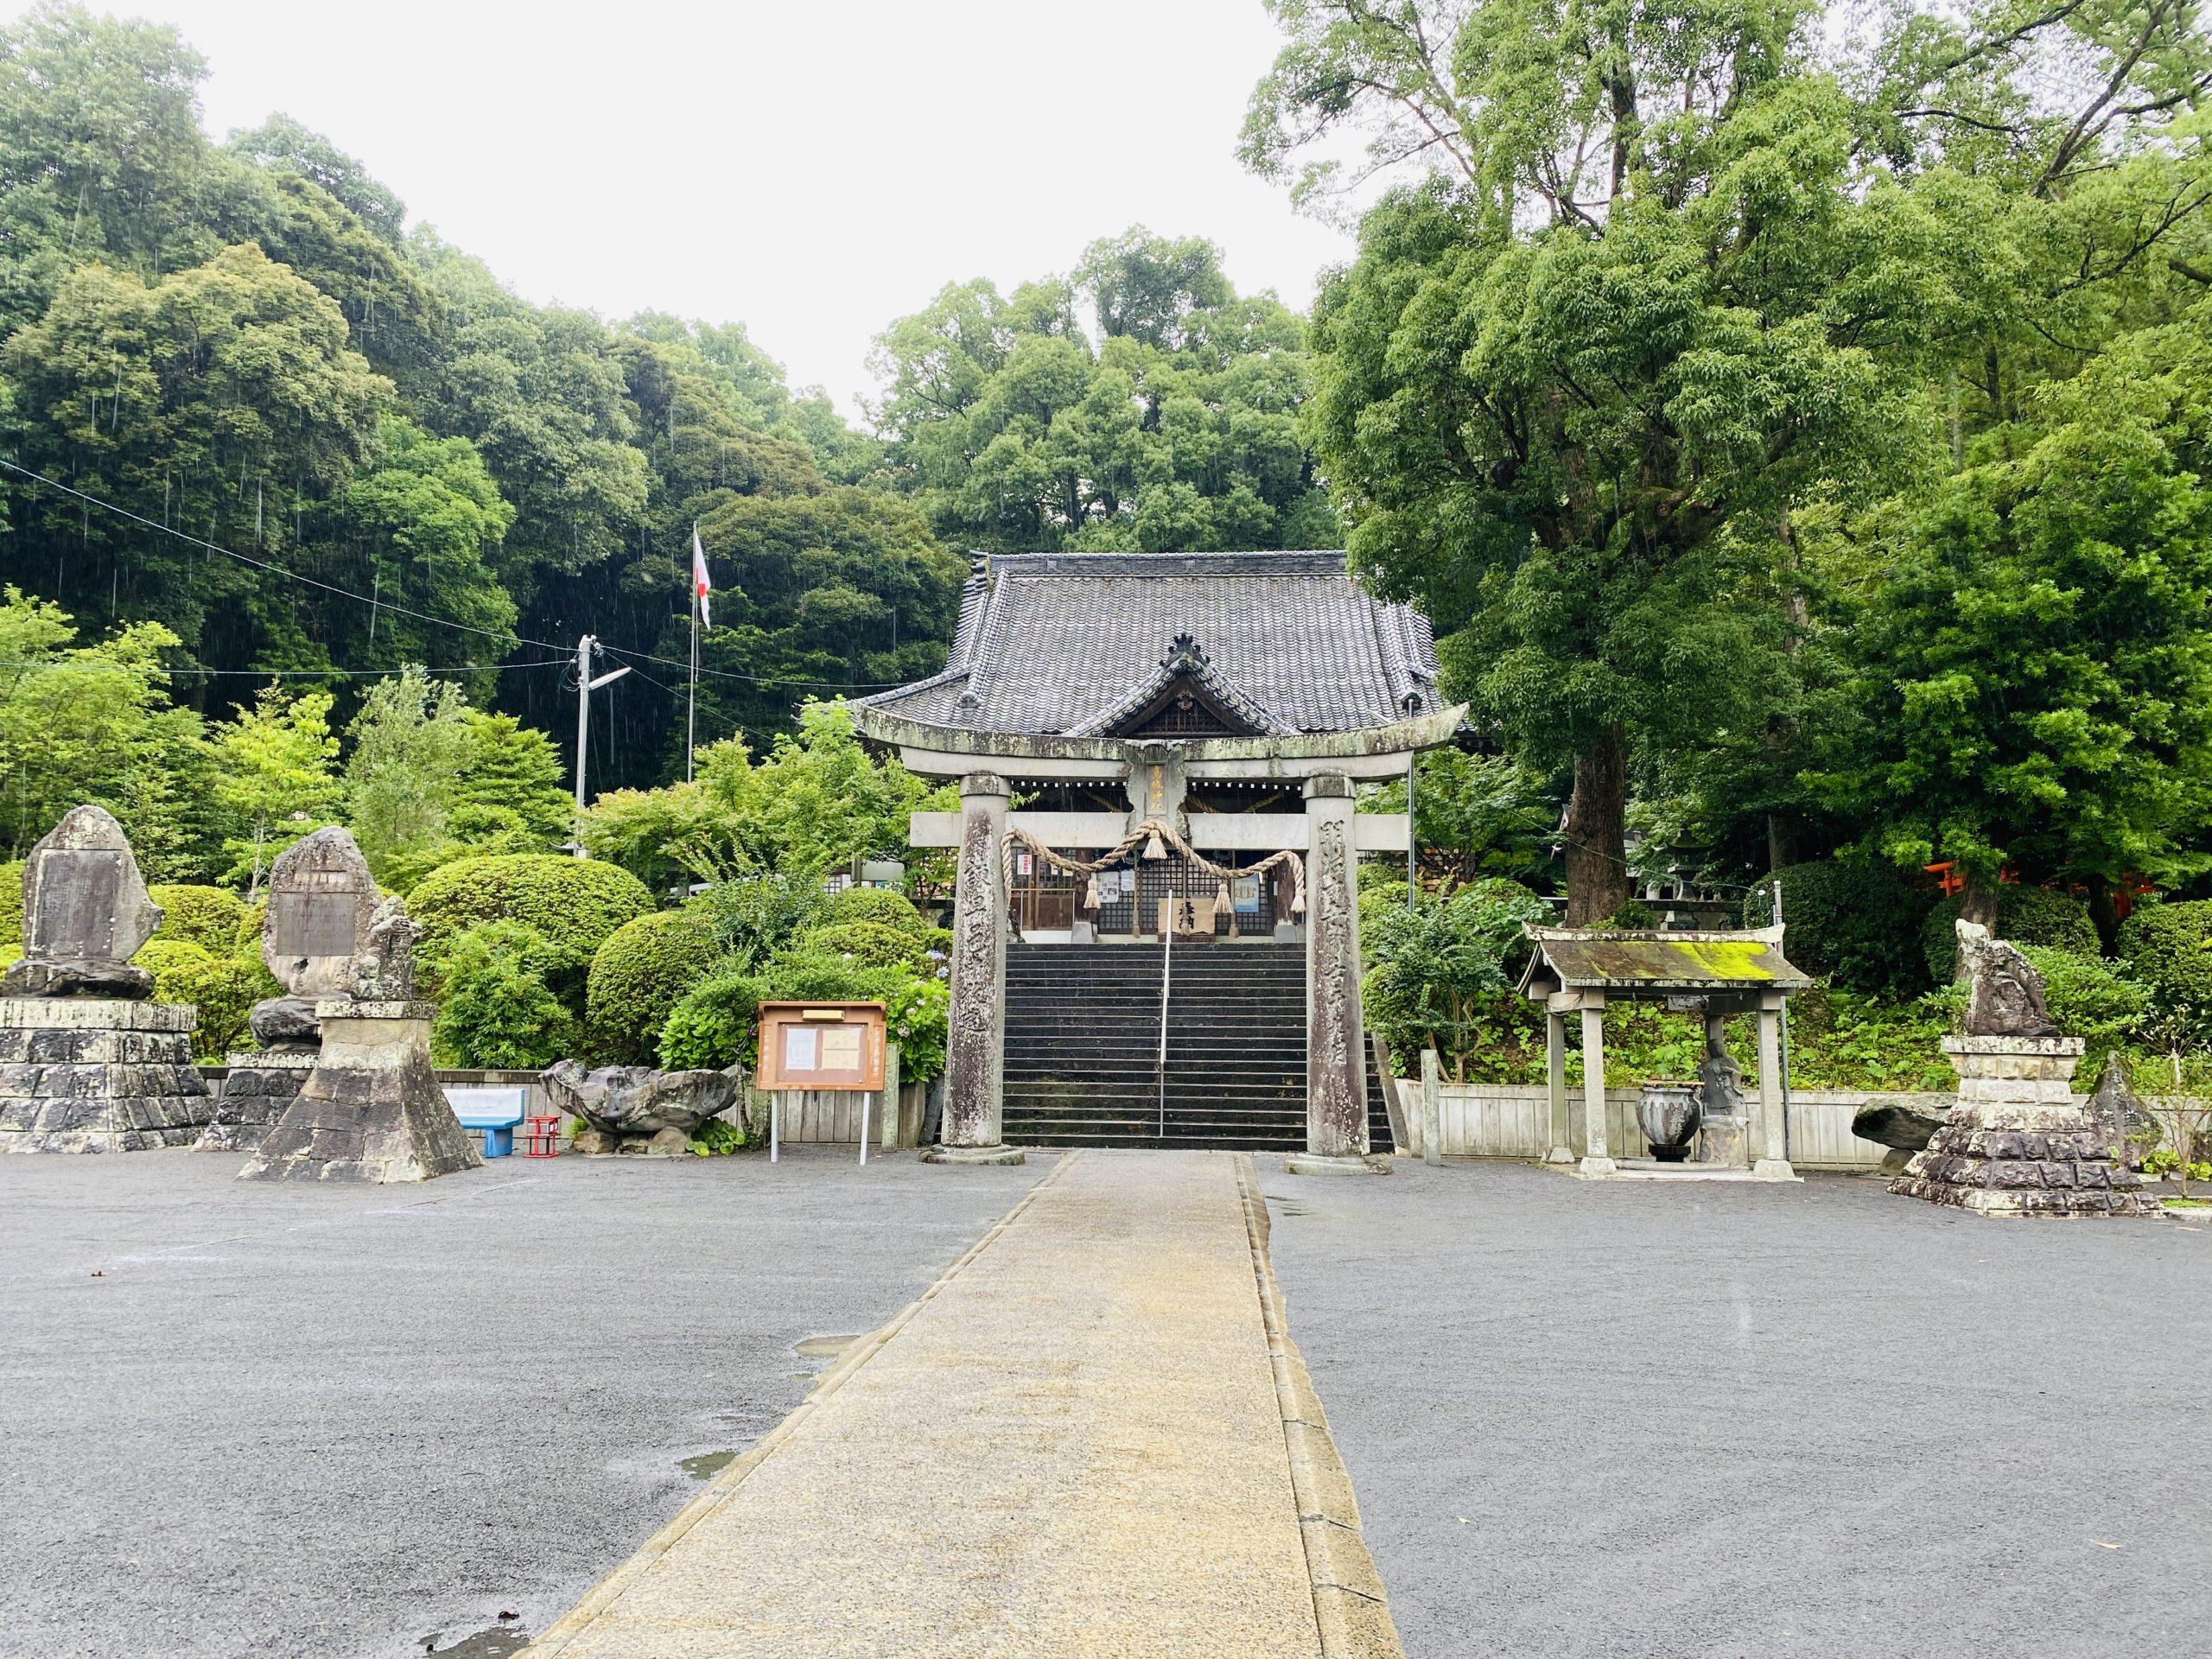 諫早神社巡り!高城神社